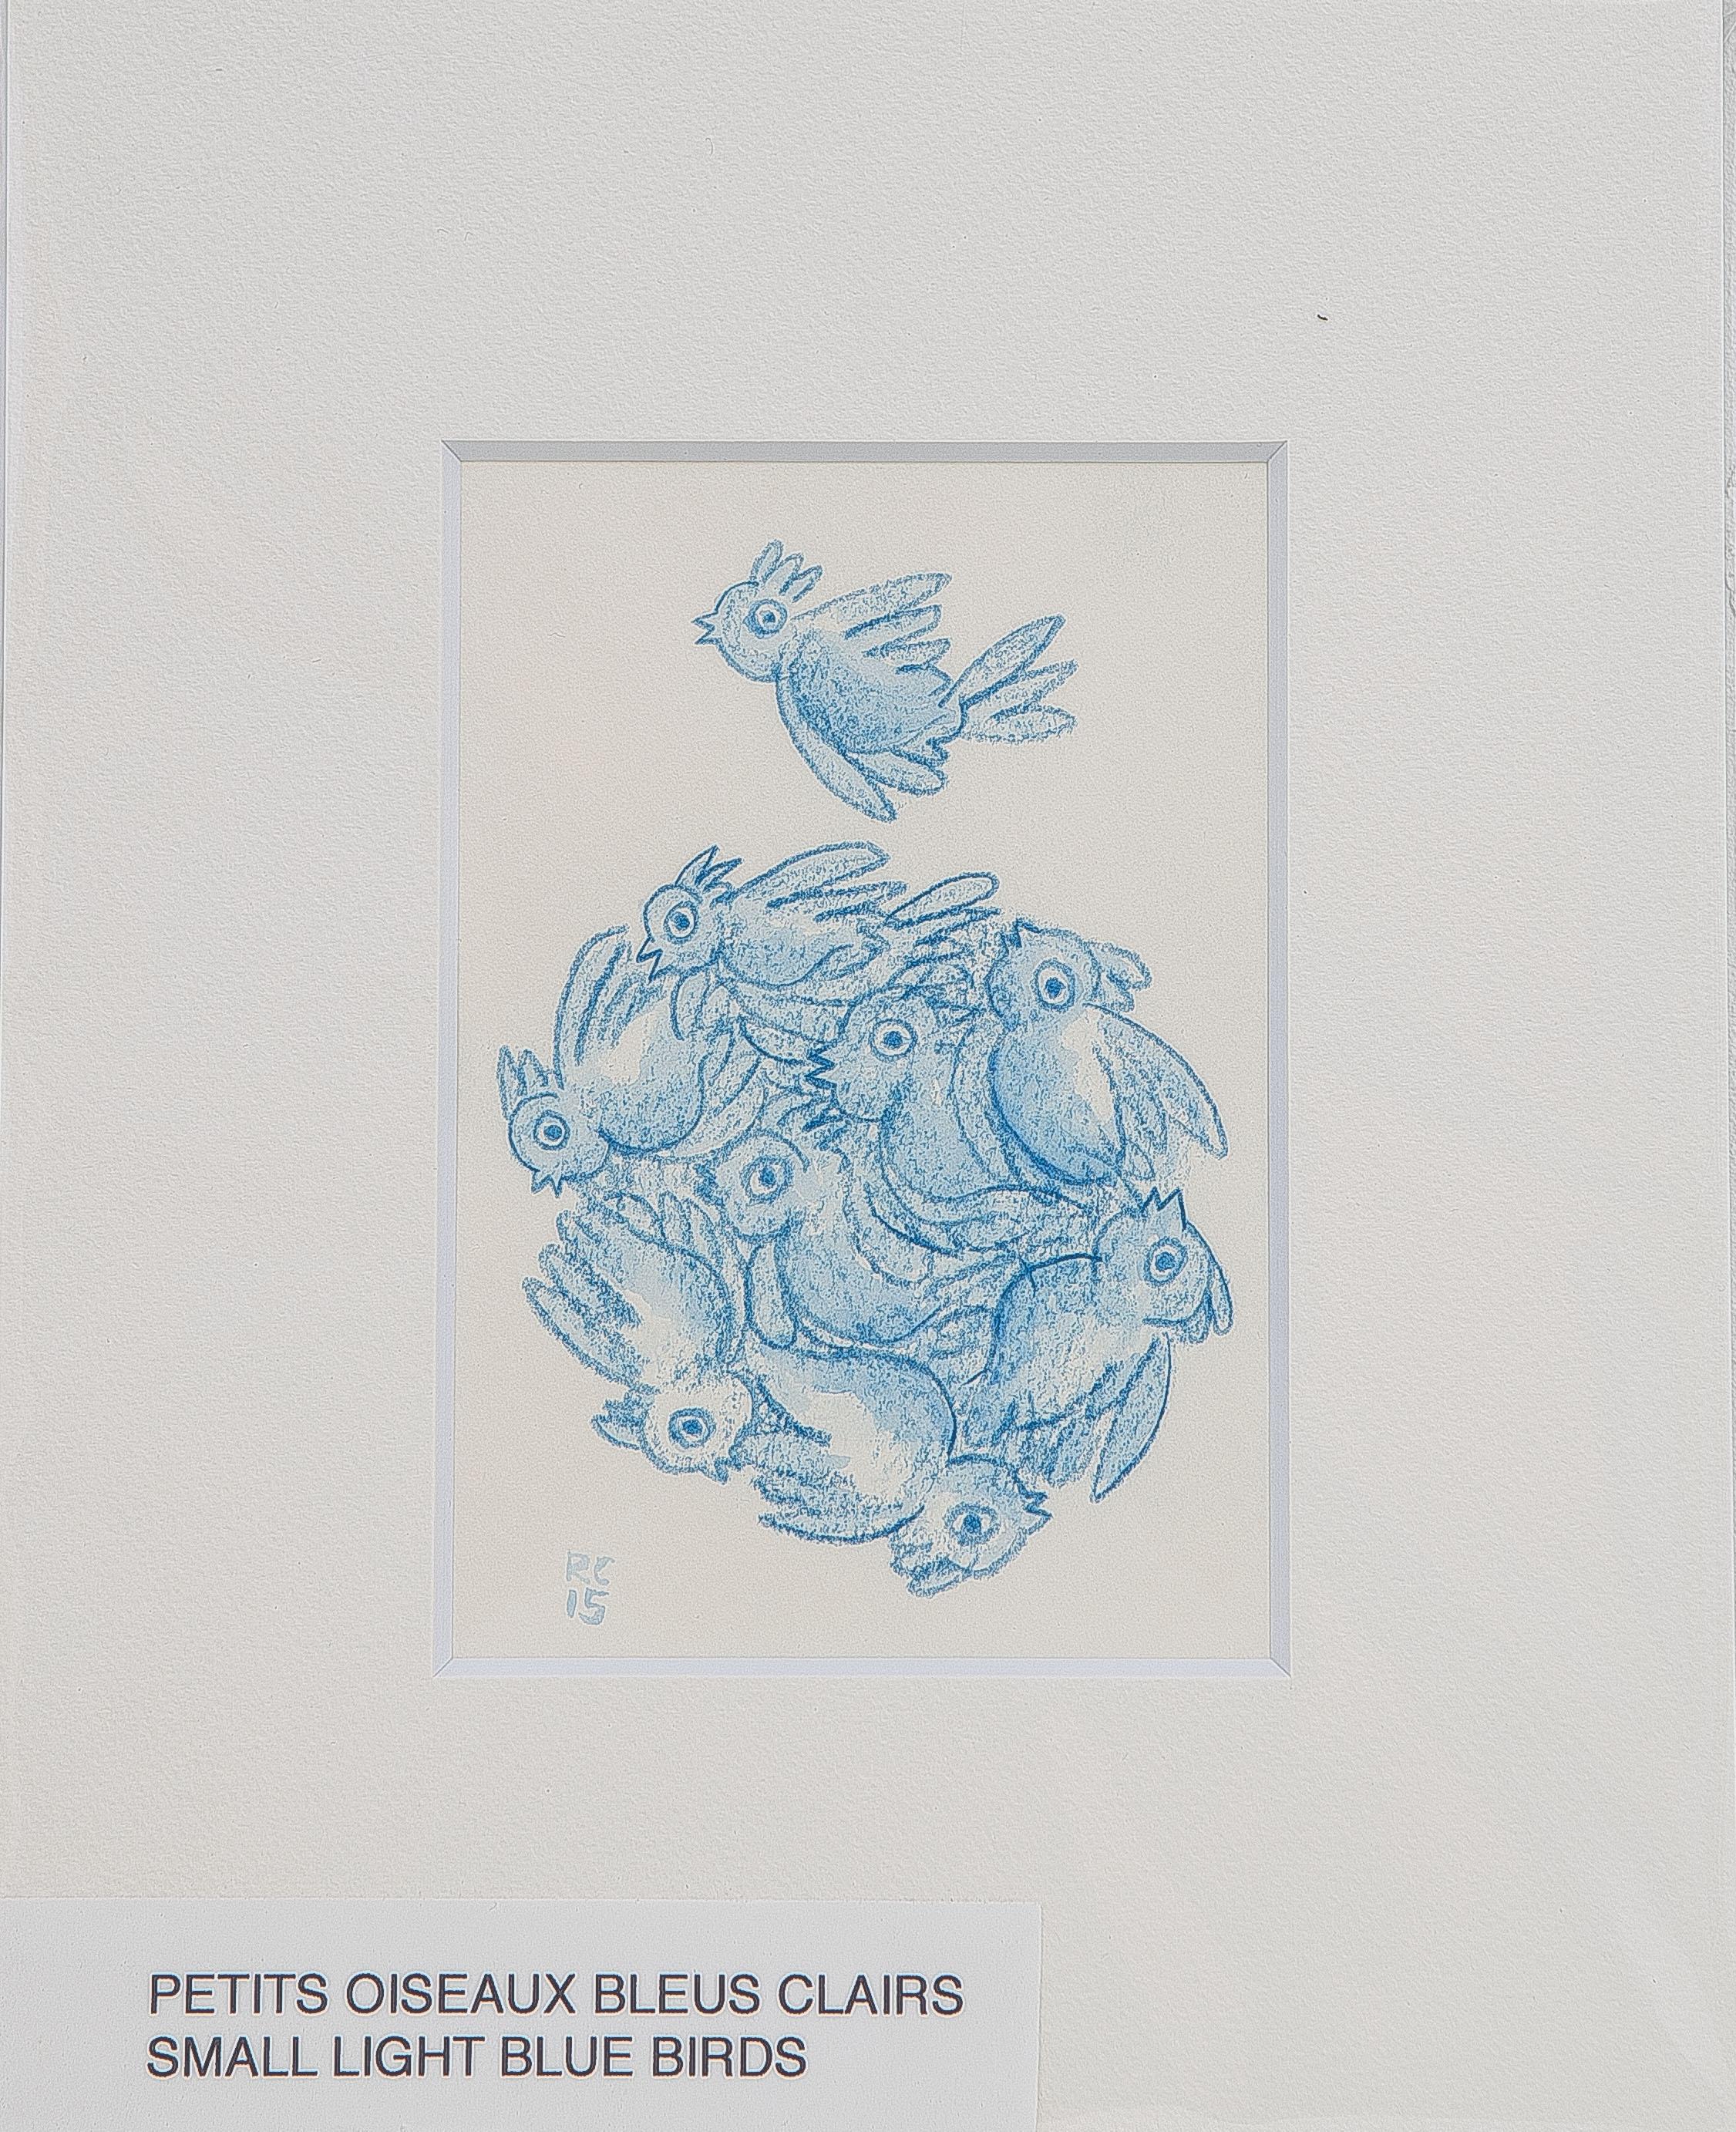 ROUND BLUE BIRD